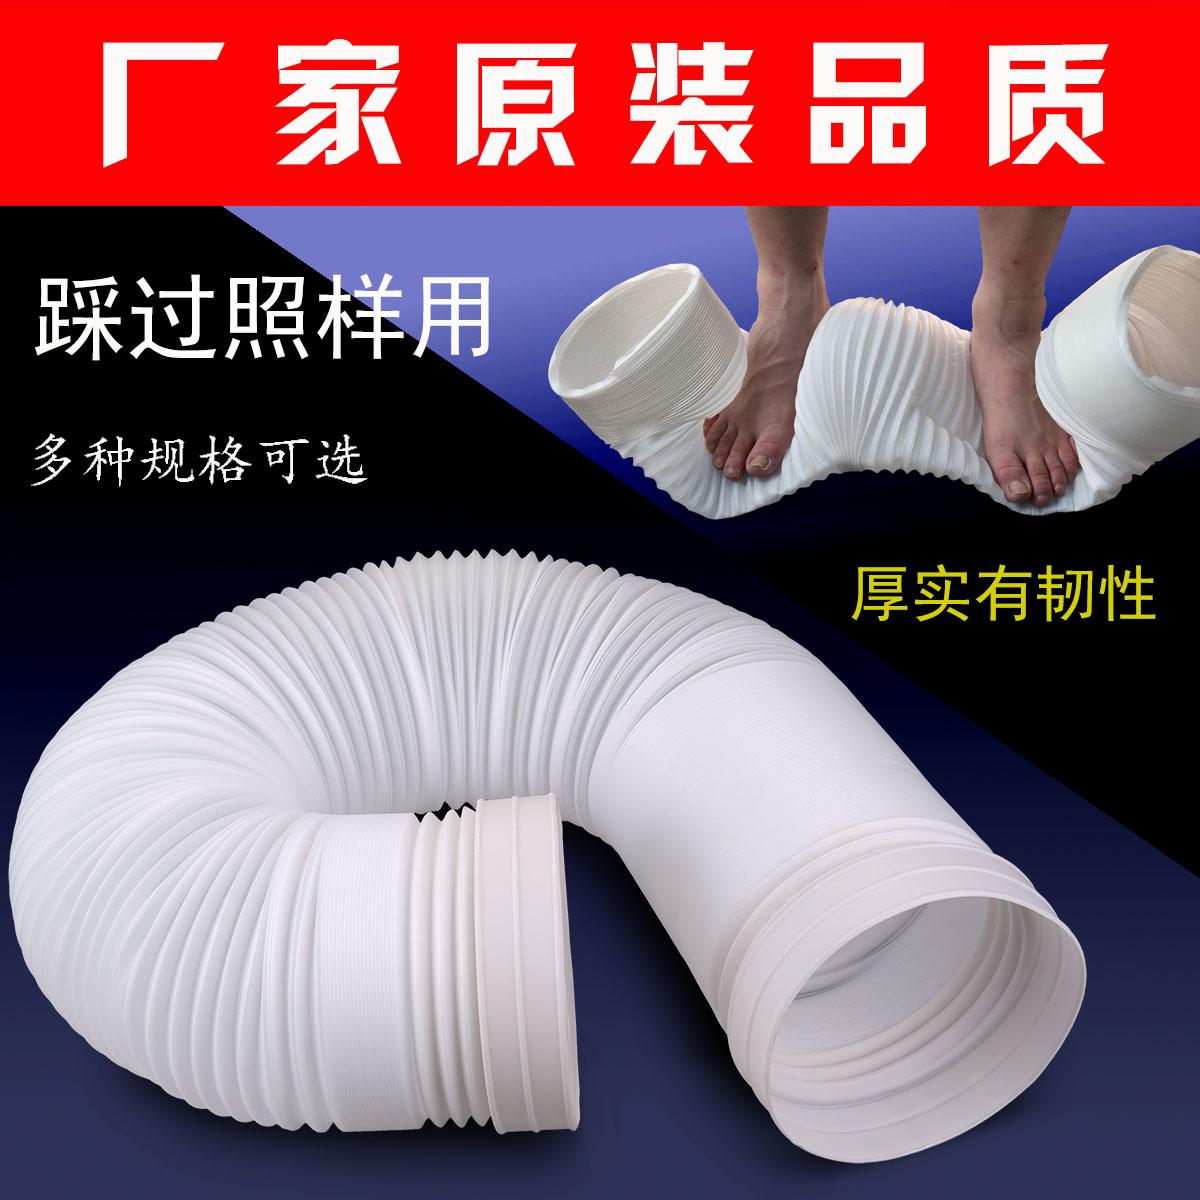 Вытяжной станок строка воронки выхлопная труба дорога кухня сгущаться PE пластик выпускной протяжение вентиляция пульсация шланг